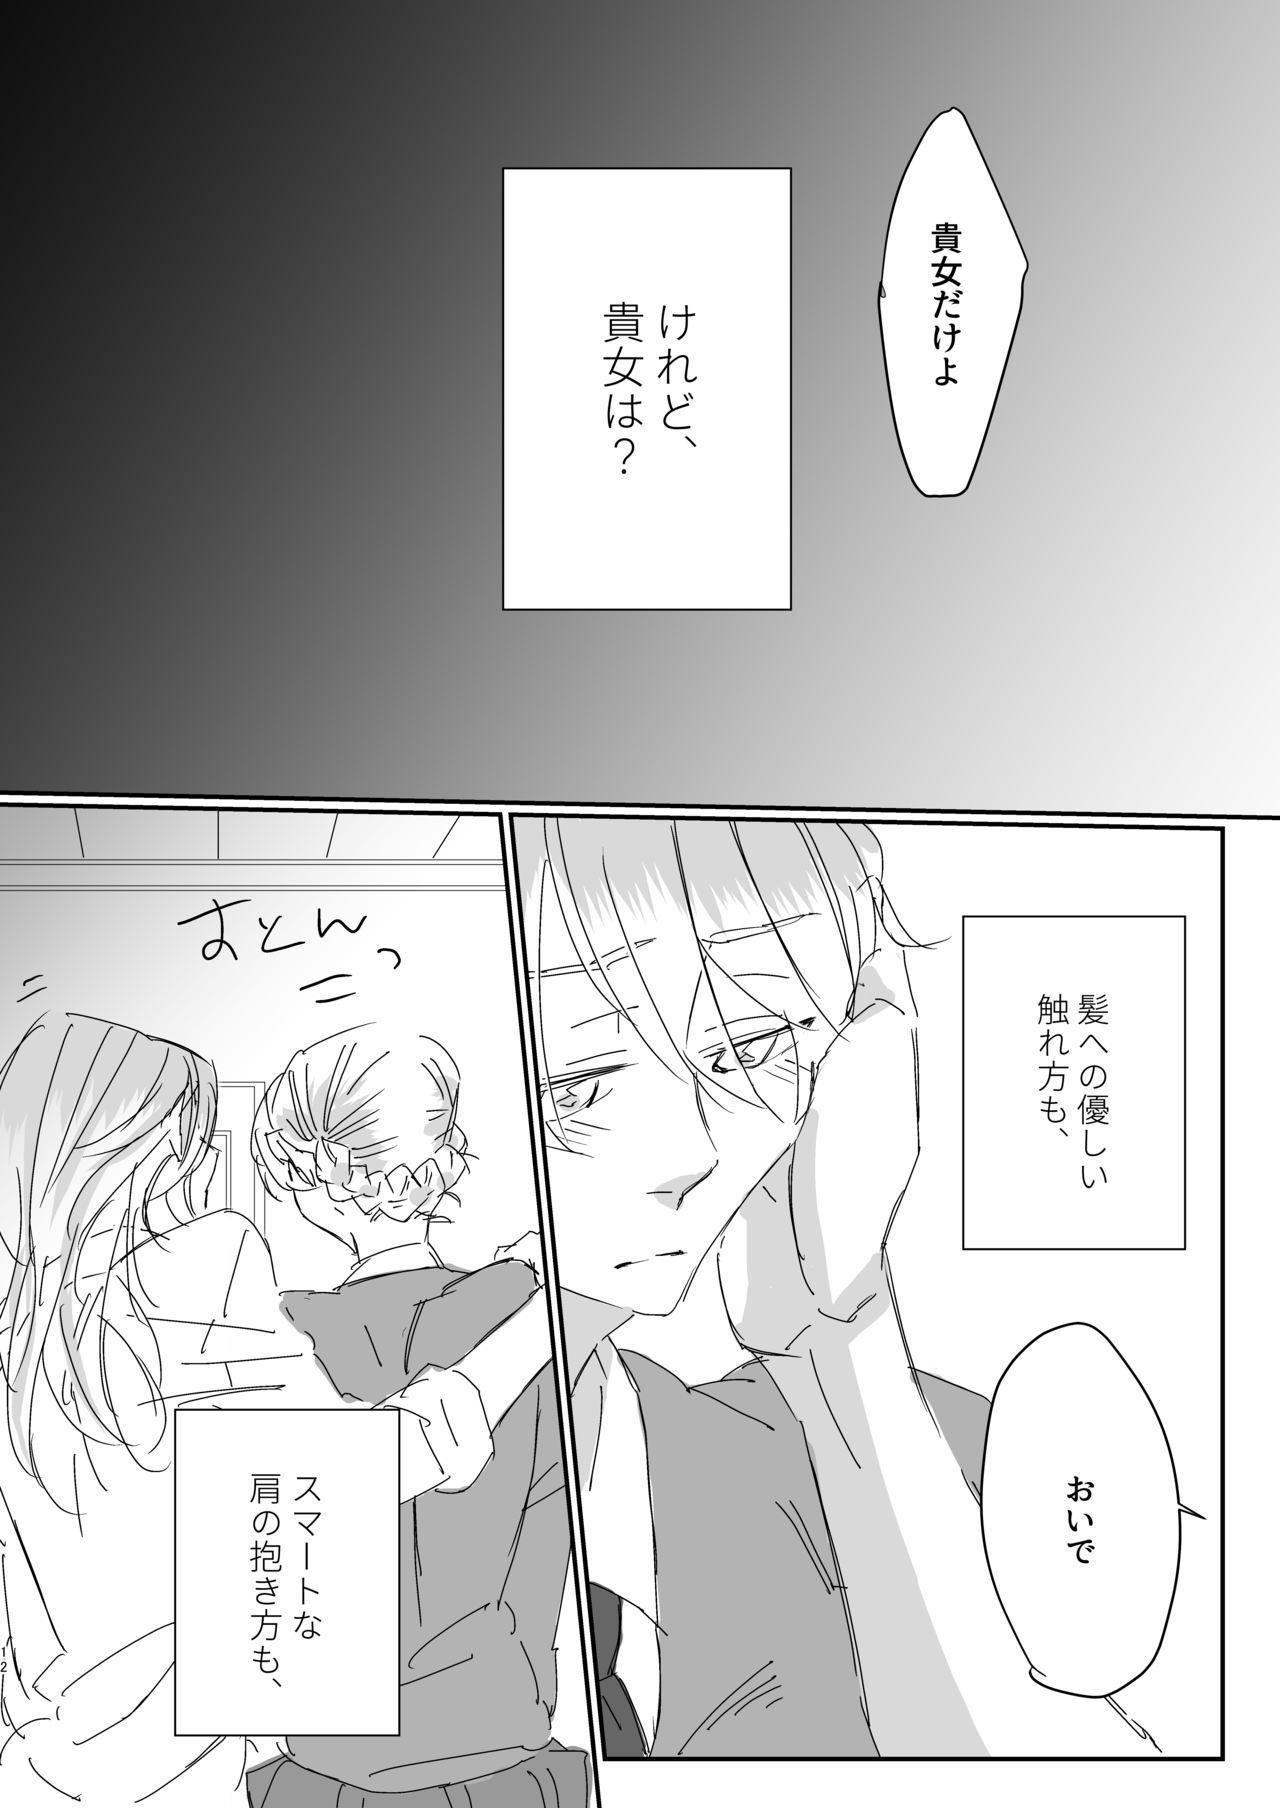 Zutto Kijo ni Koishiteta. 10